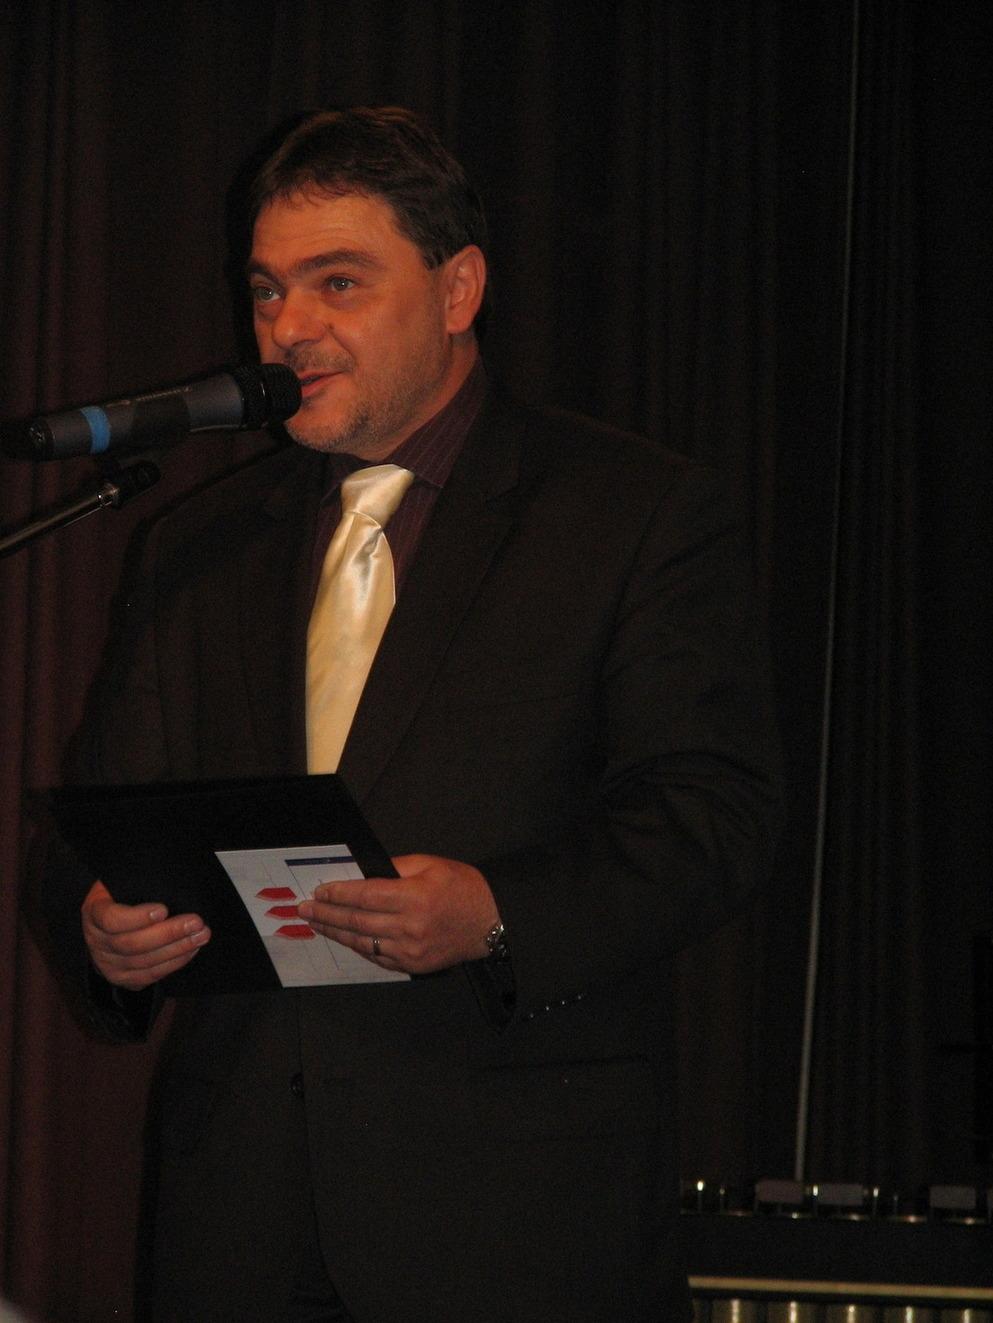 Práci hodnotící komise přiblížil její předseda Ladislav Zoubek, ředitel Městské knihovny Děčín